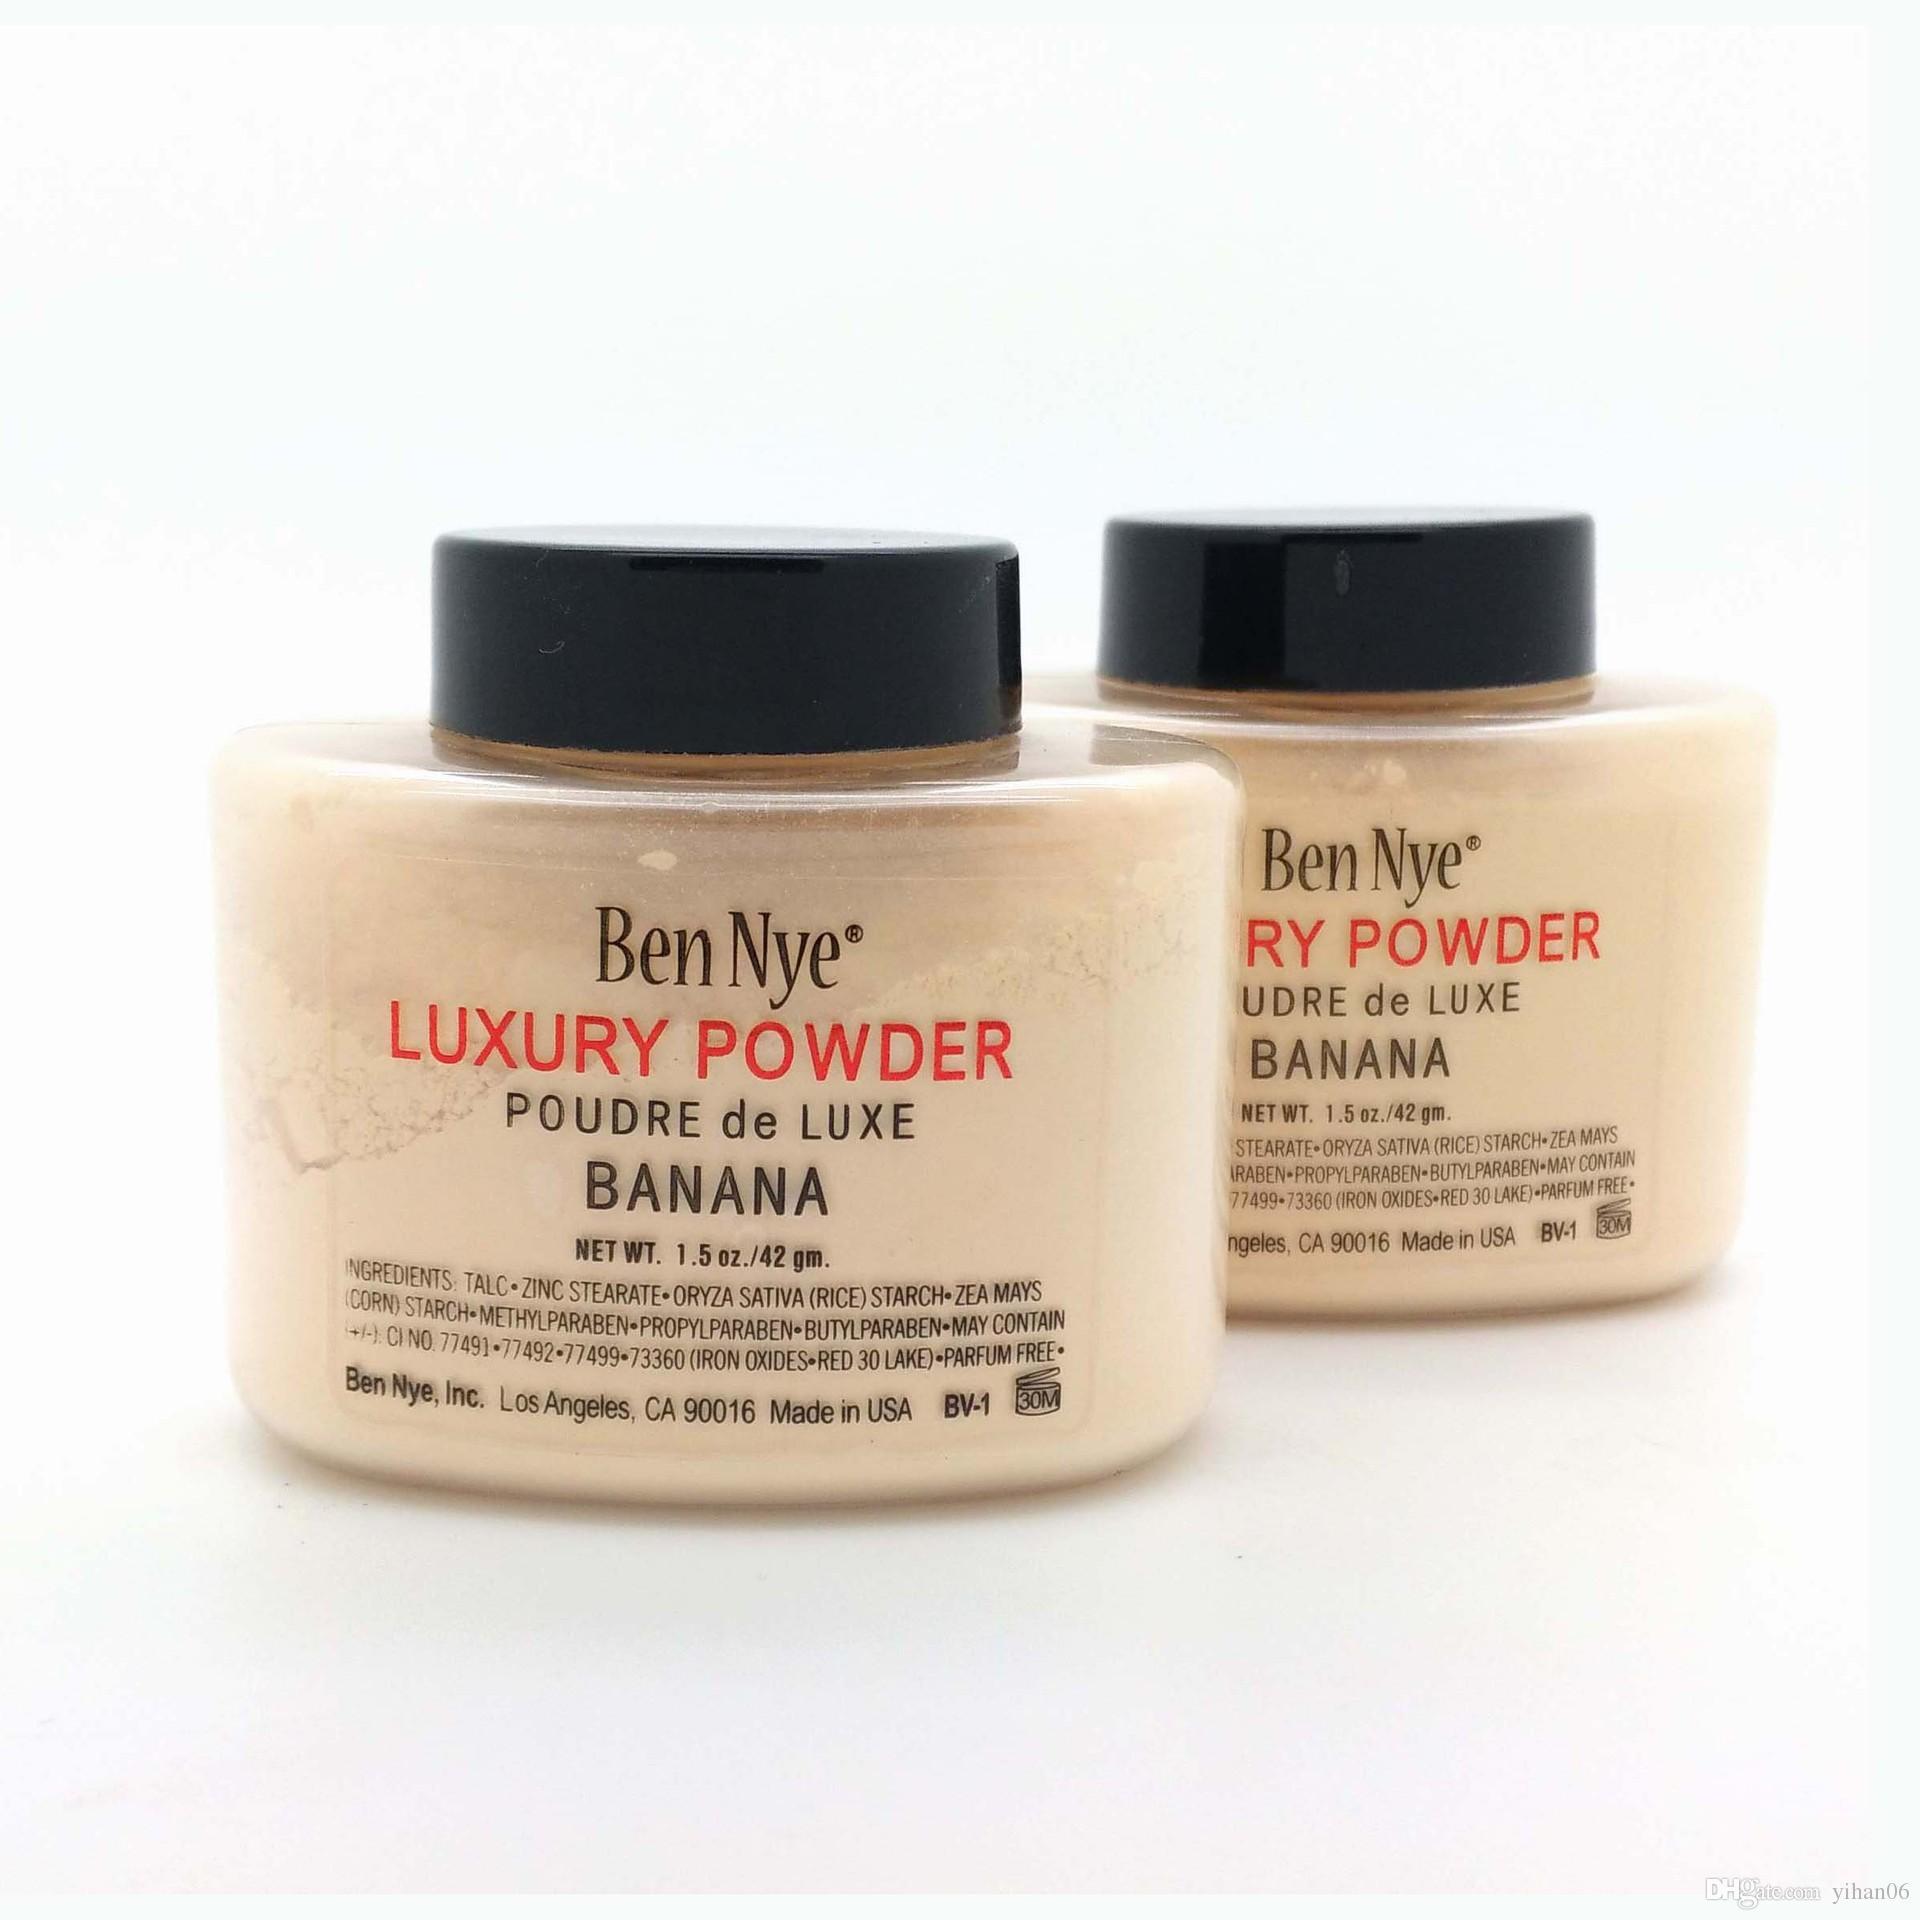 Poudres de luxe Ben Nye Poudre de luxe Banane 1.5oz New Natural Face Poudre Libre Étanche Nutritive Banane Éclairer Durable